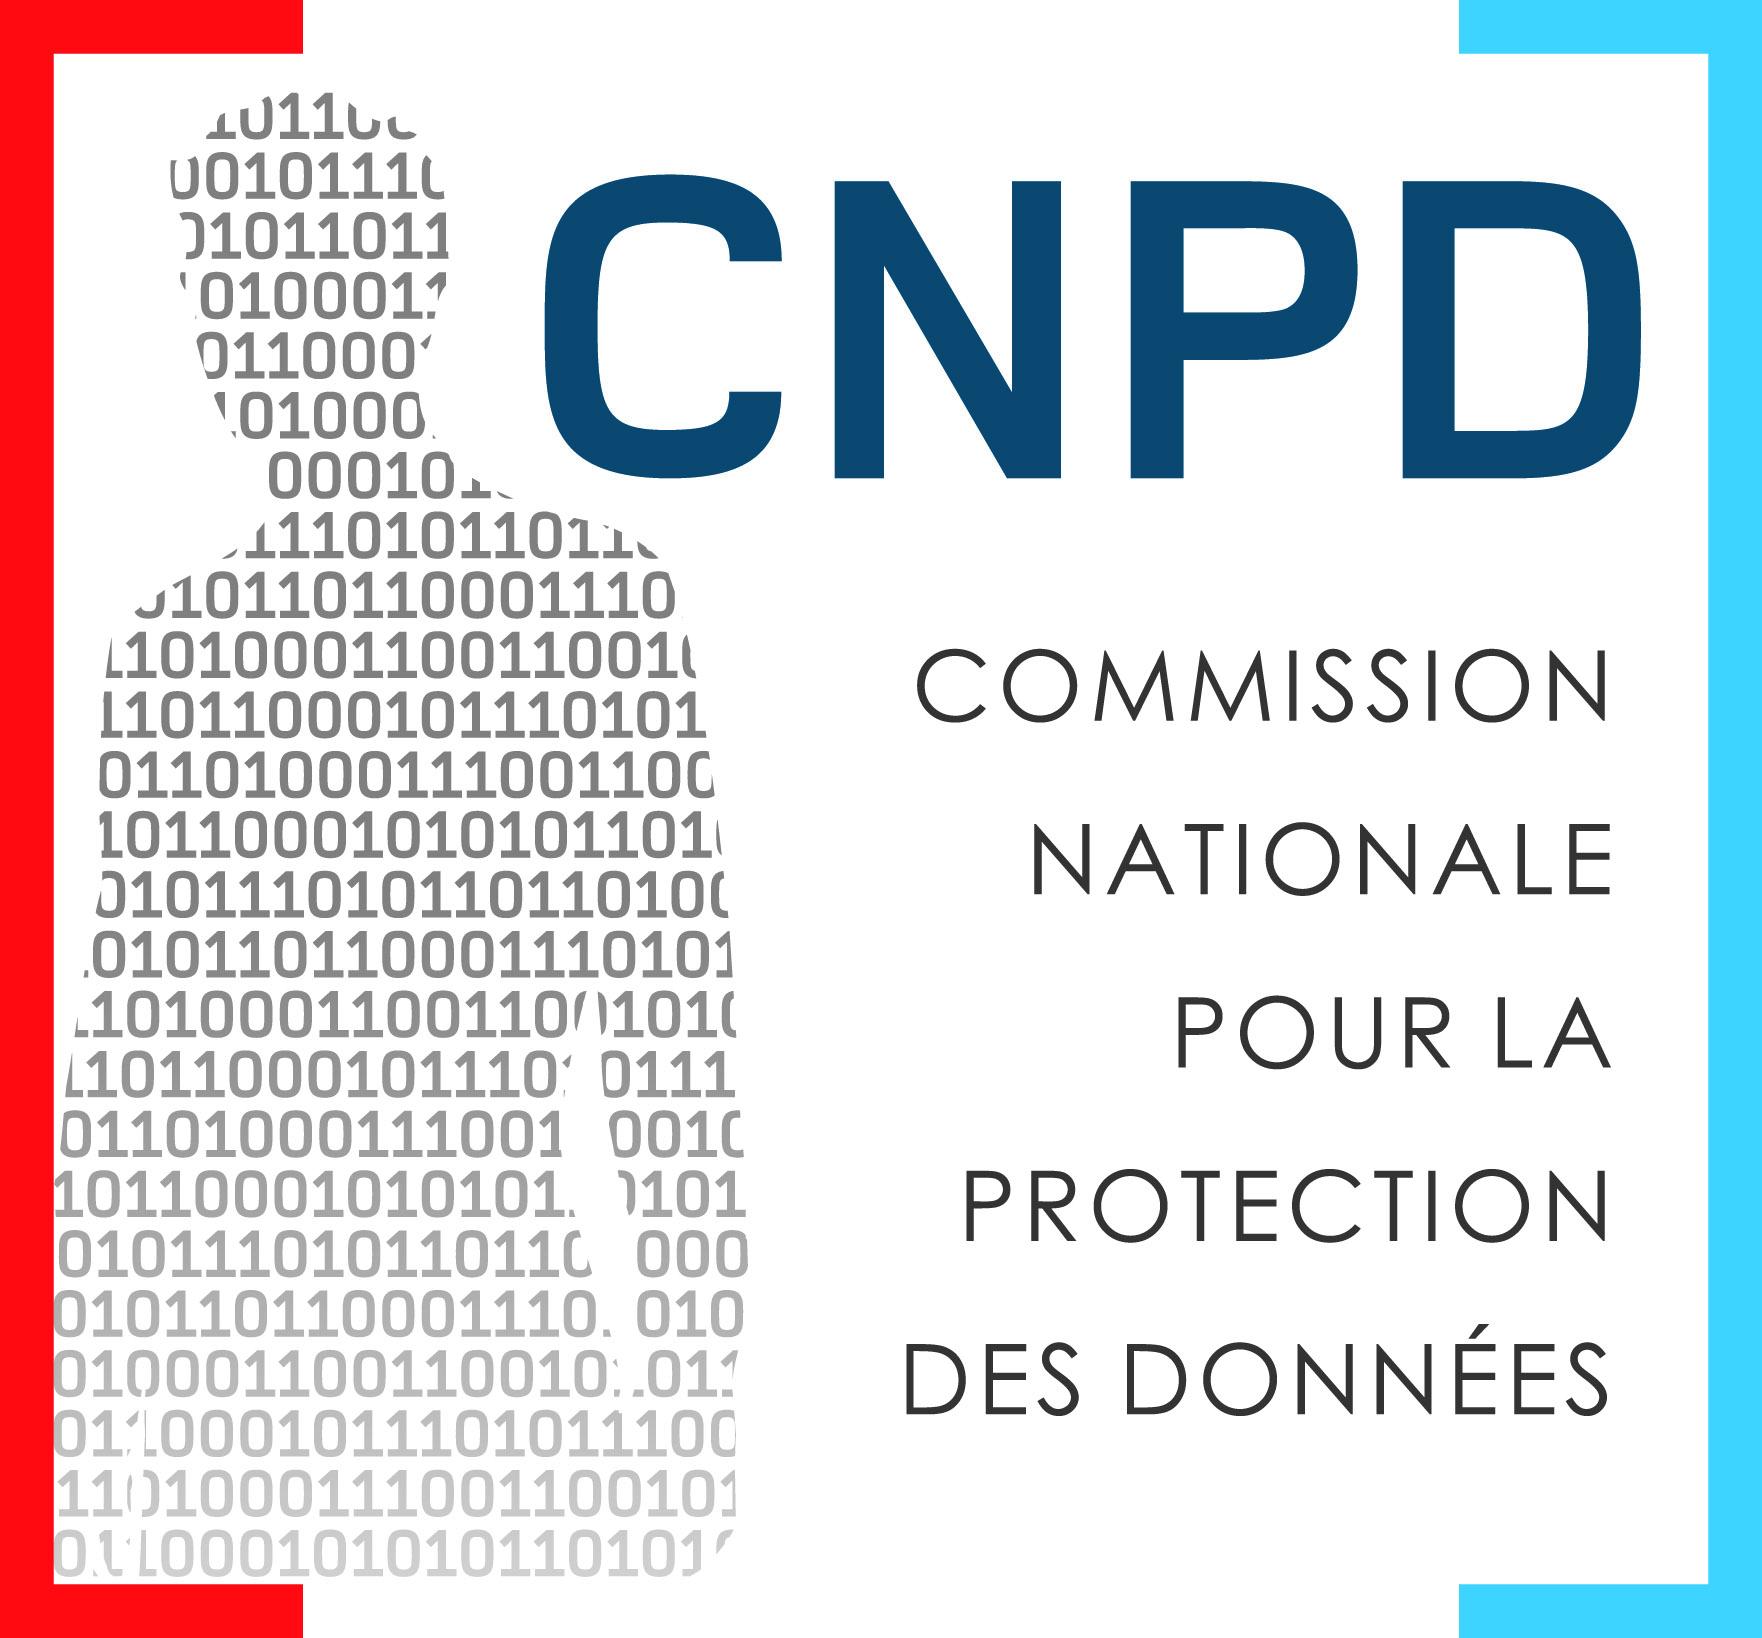 Logo cnpd